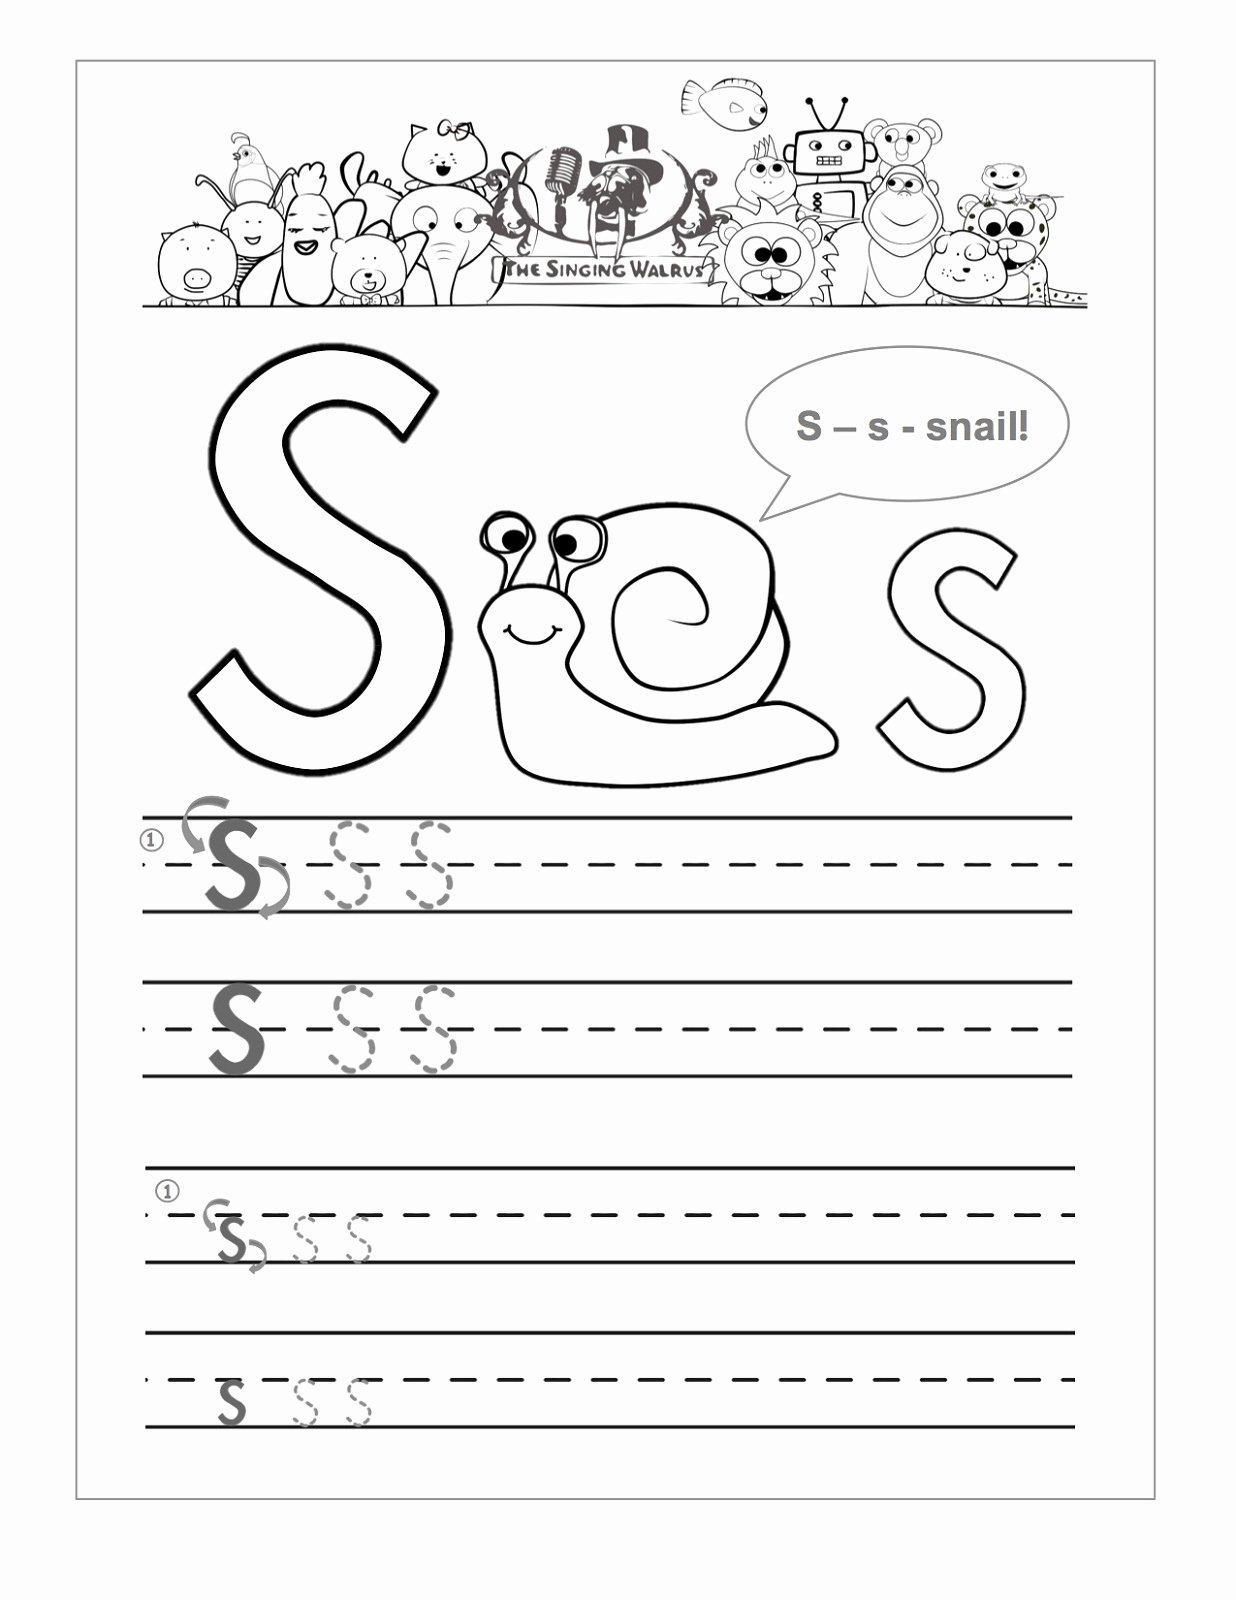 Letter S Worksheets for Preschoolers Inspirational Letter S Worksheets Printable